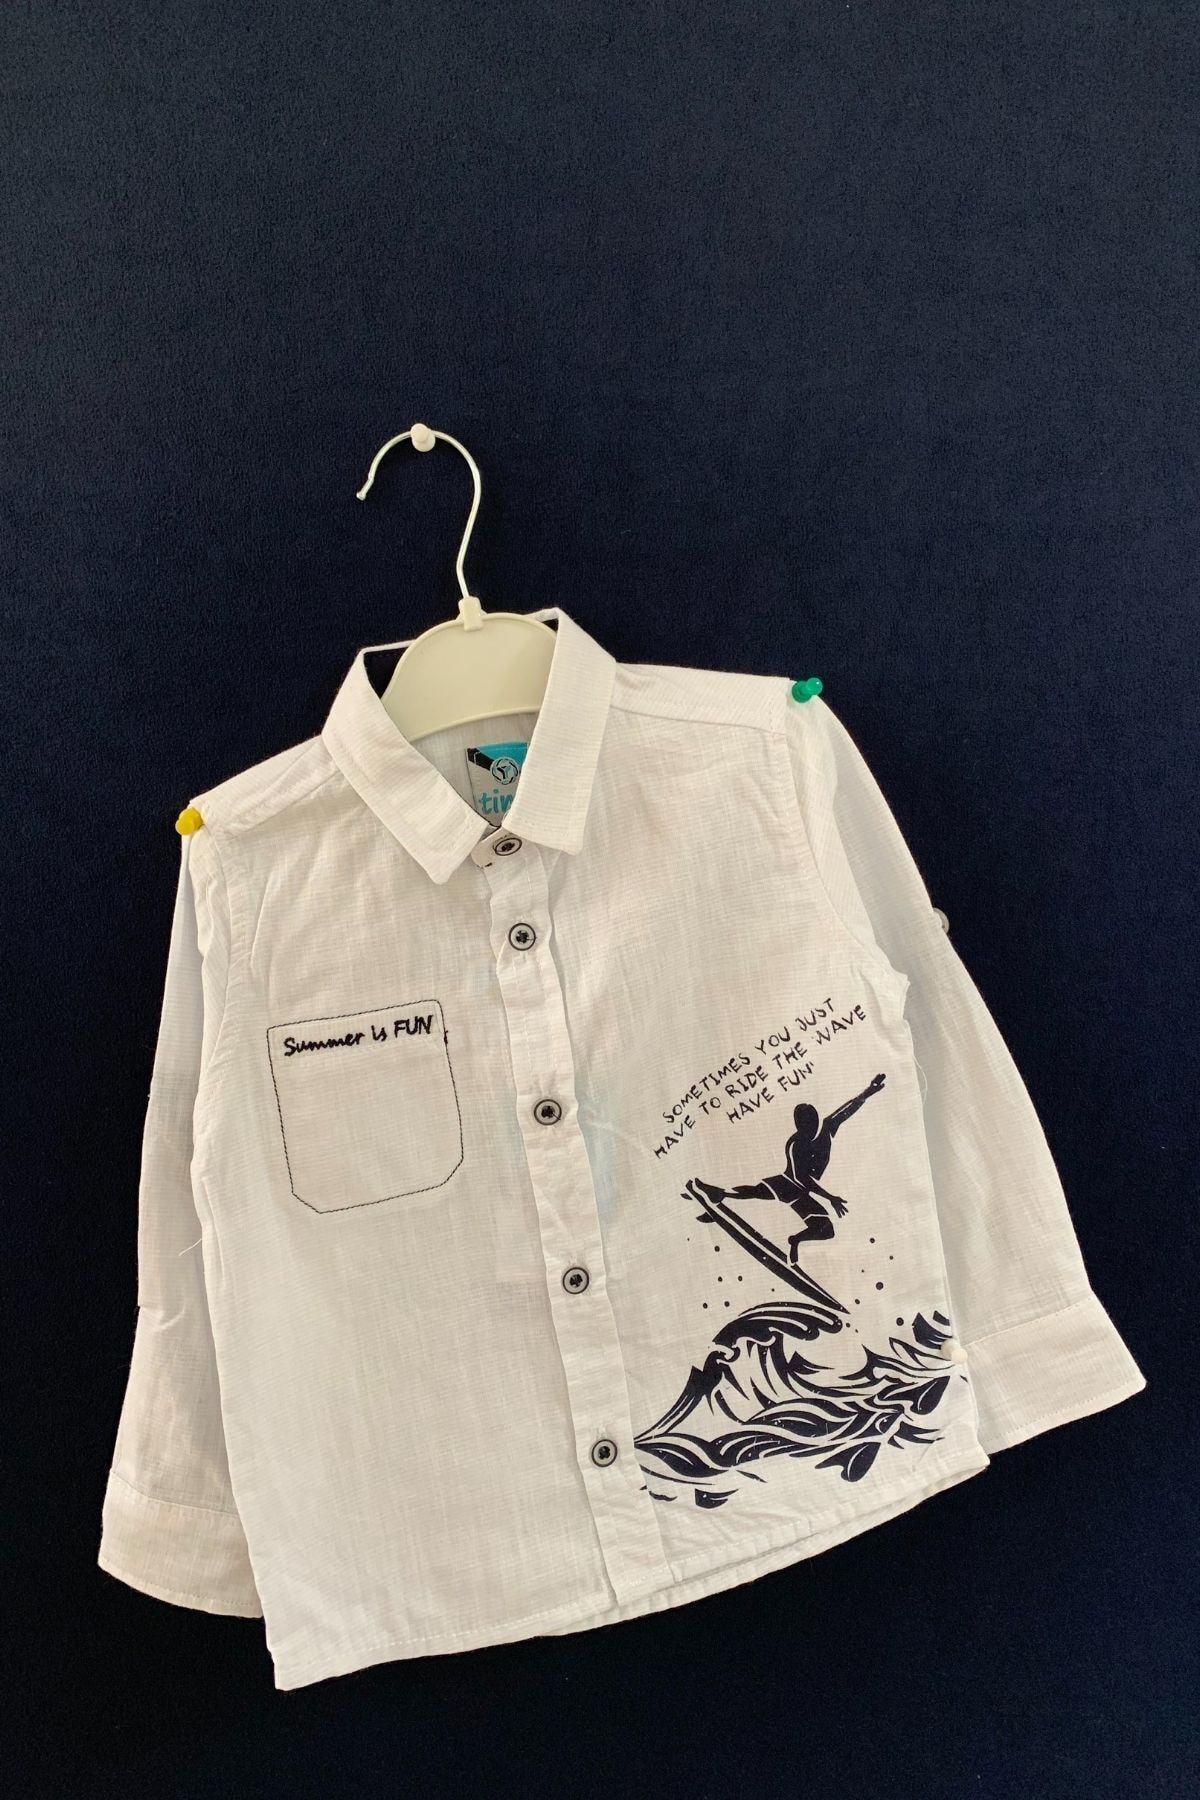 Timo Erkek Çocuk Baskılı Çizgili Gömlek 1